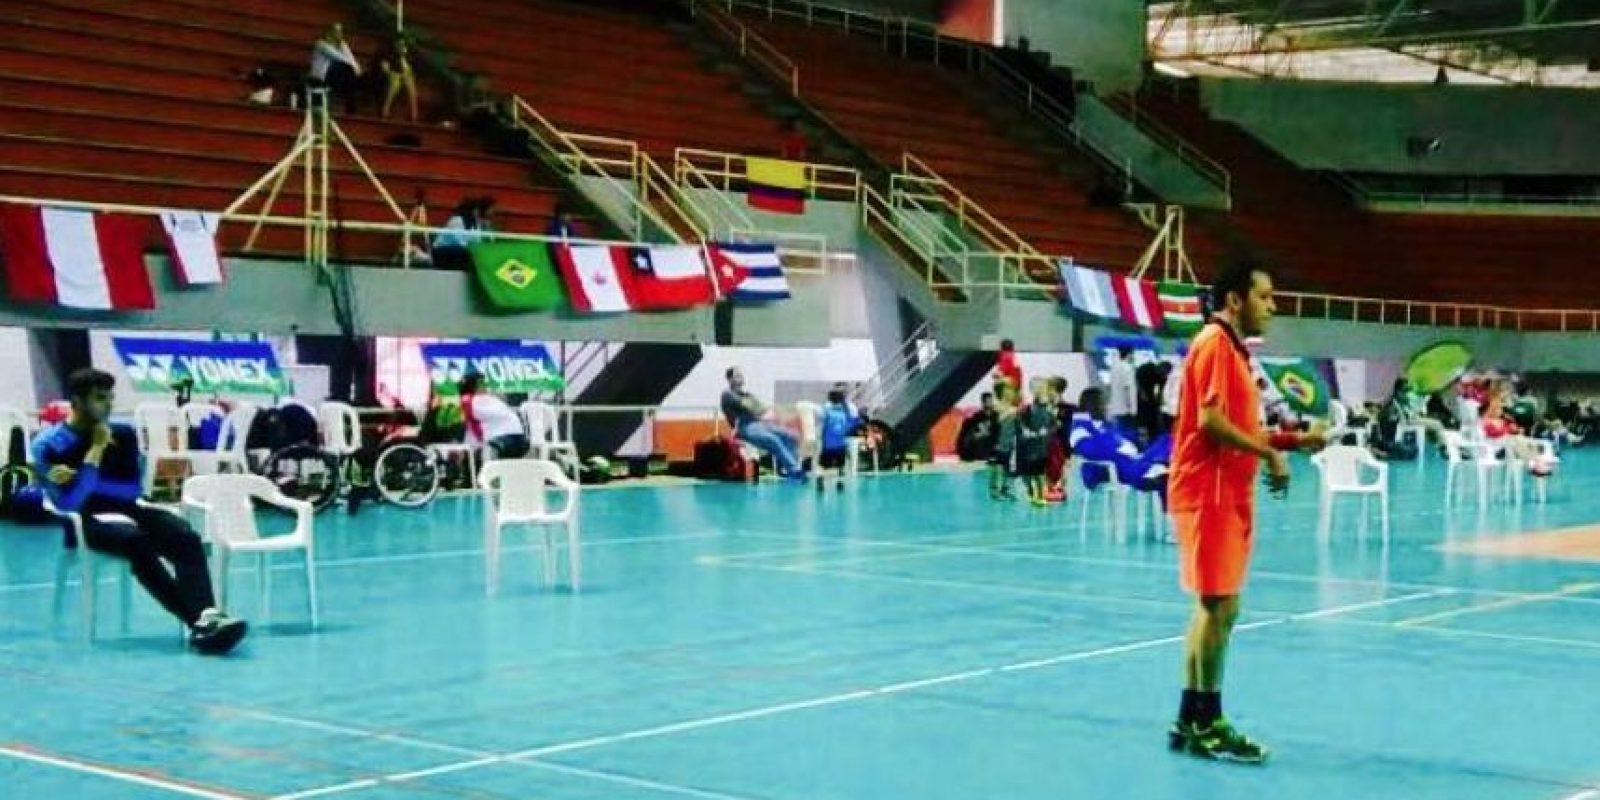 El seleccionado nacional completó con éxito la competencia de sencillos que se disputó en Medellín, Colombia. Foto:Cortesía Raúl Anguiano